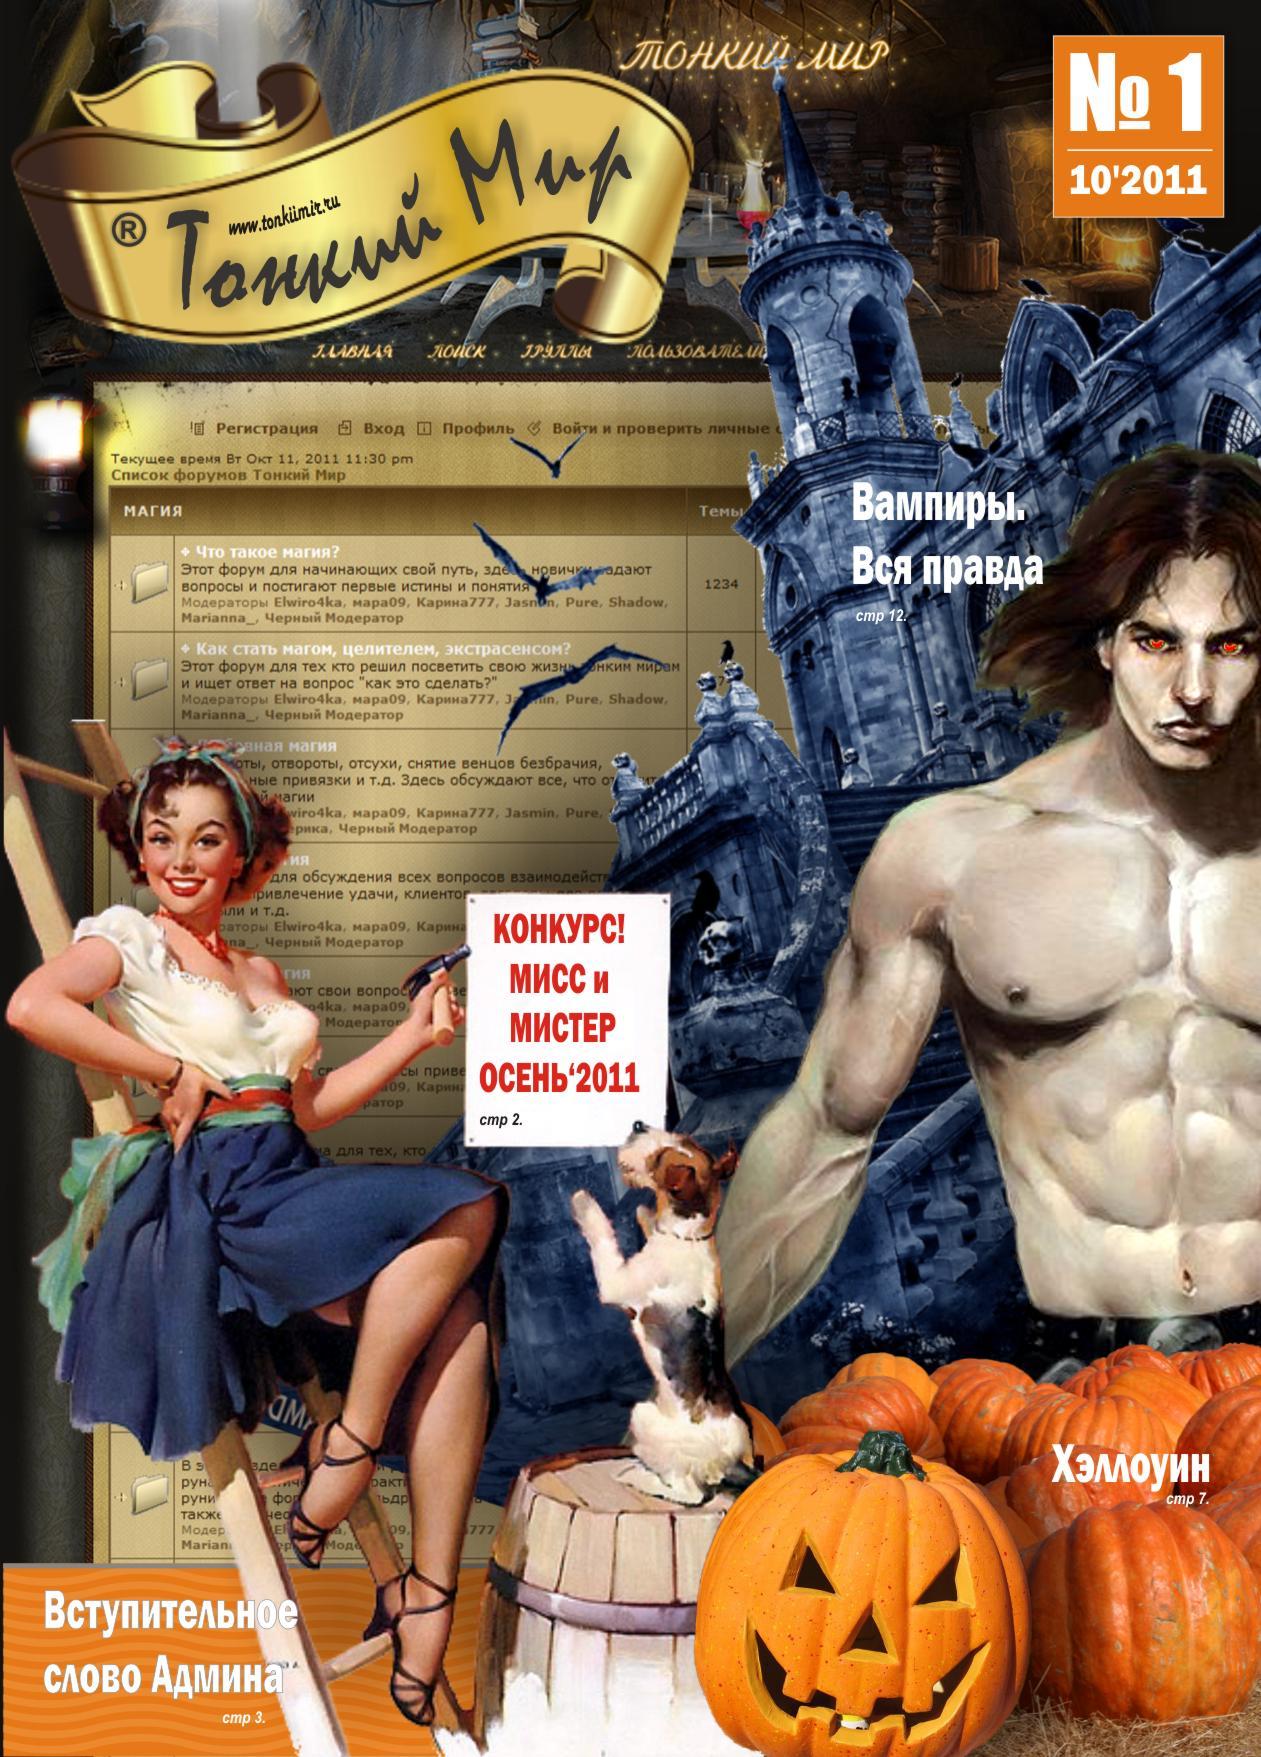 Журнал Тонкий Мир №1 10,2011